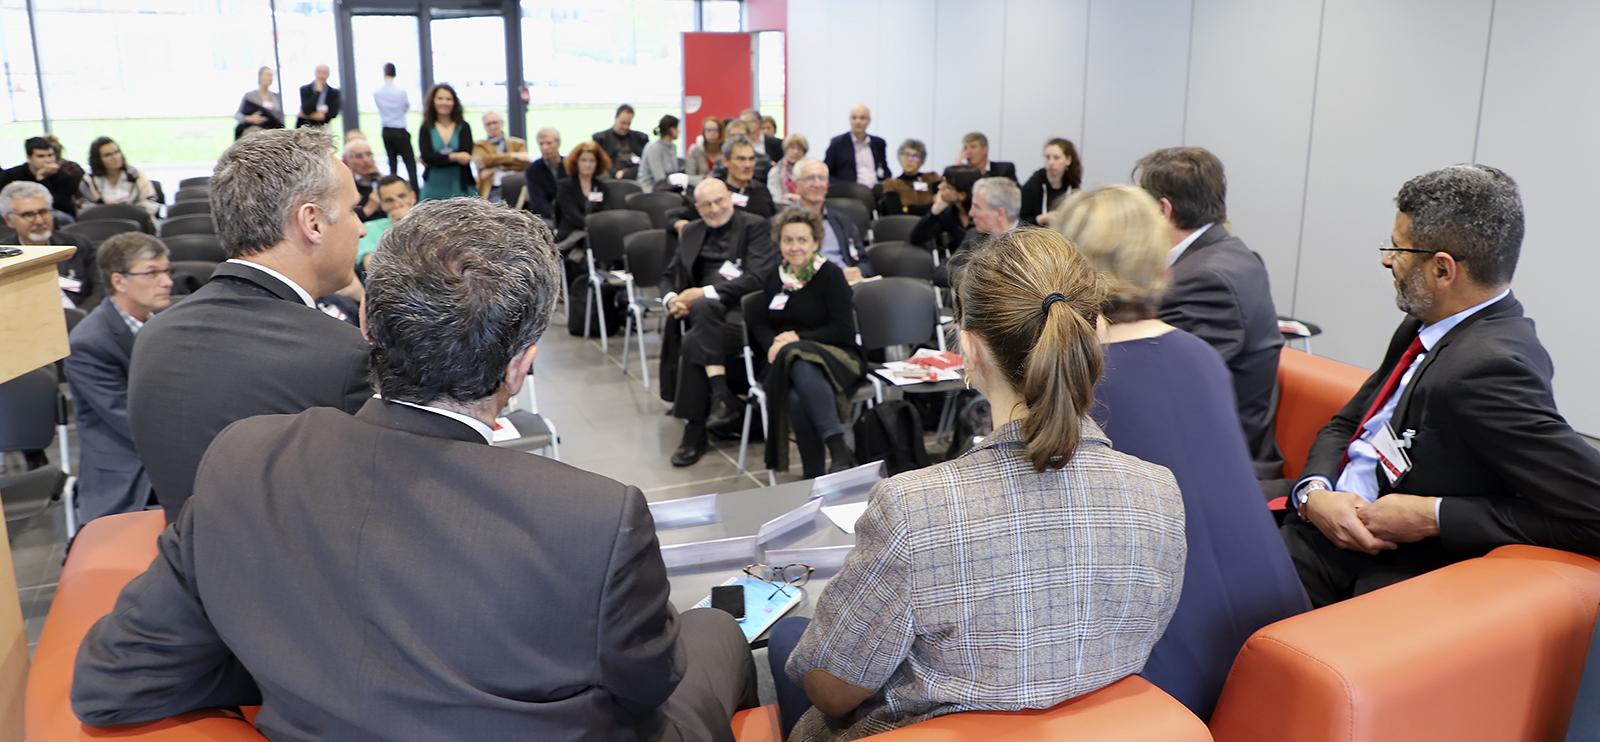 Séminaire annuel réunissant les acteurs des mondes de l'industrie, de l'éducation et de la recherche